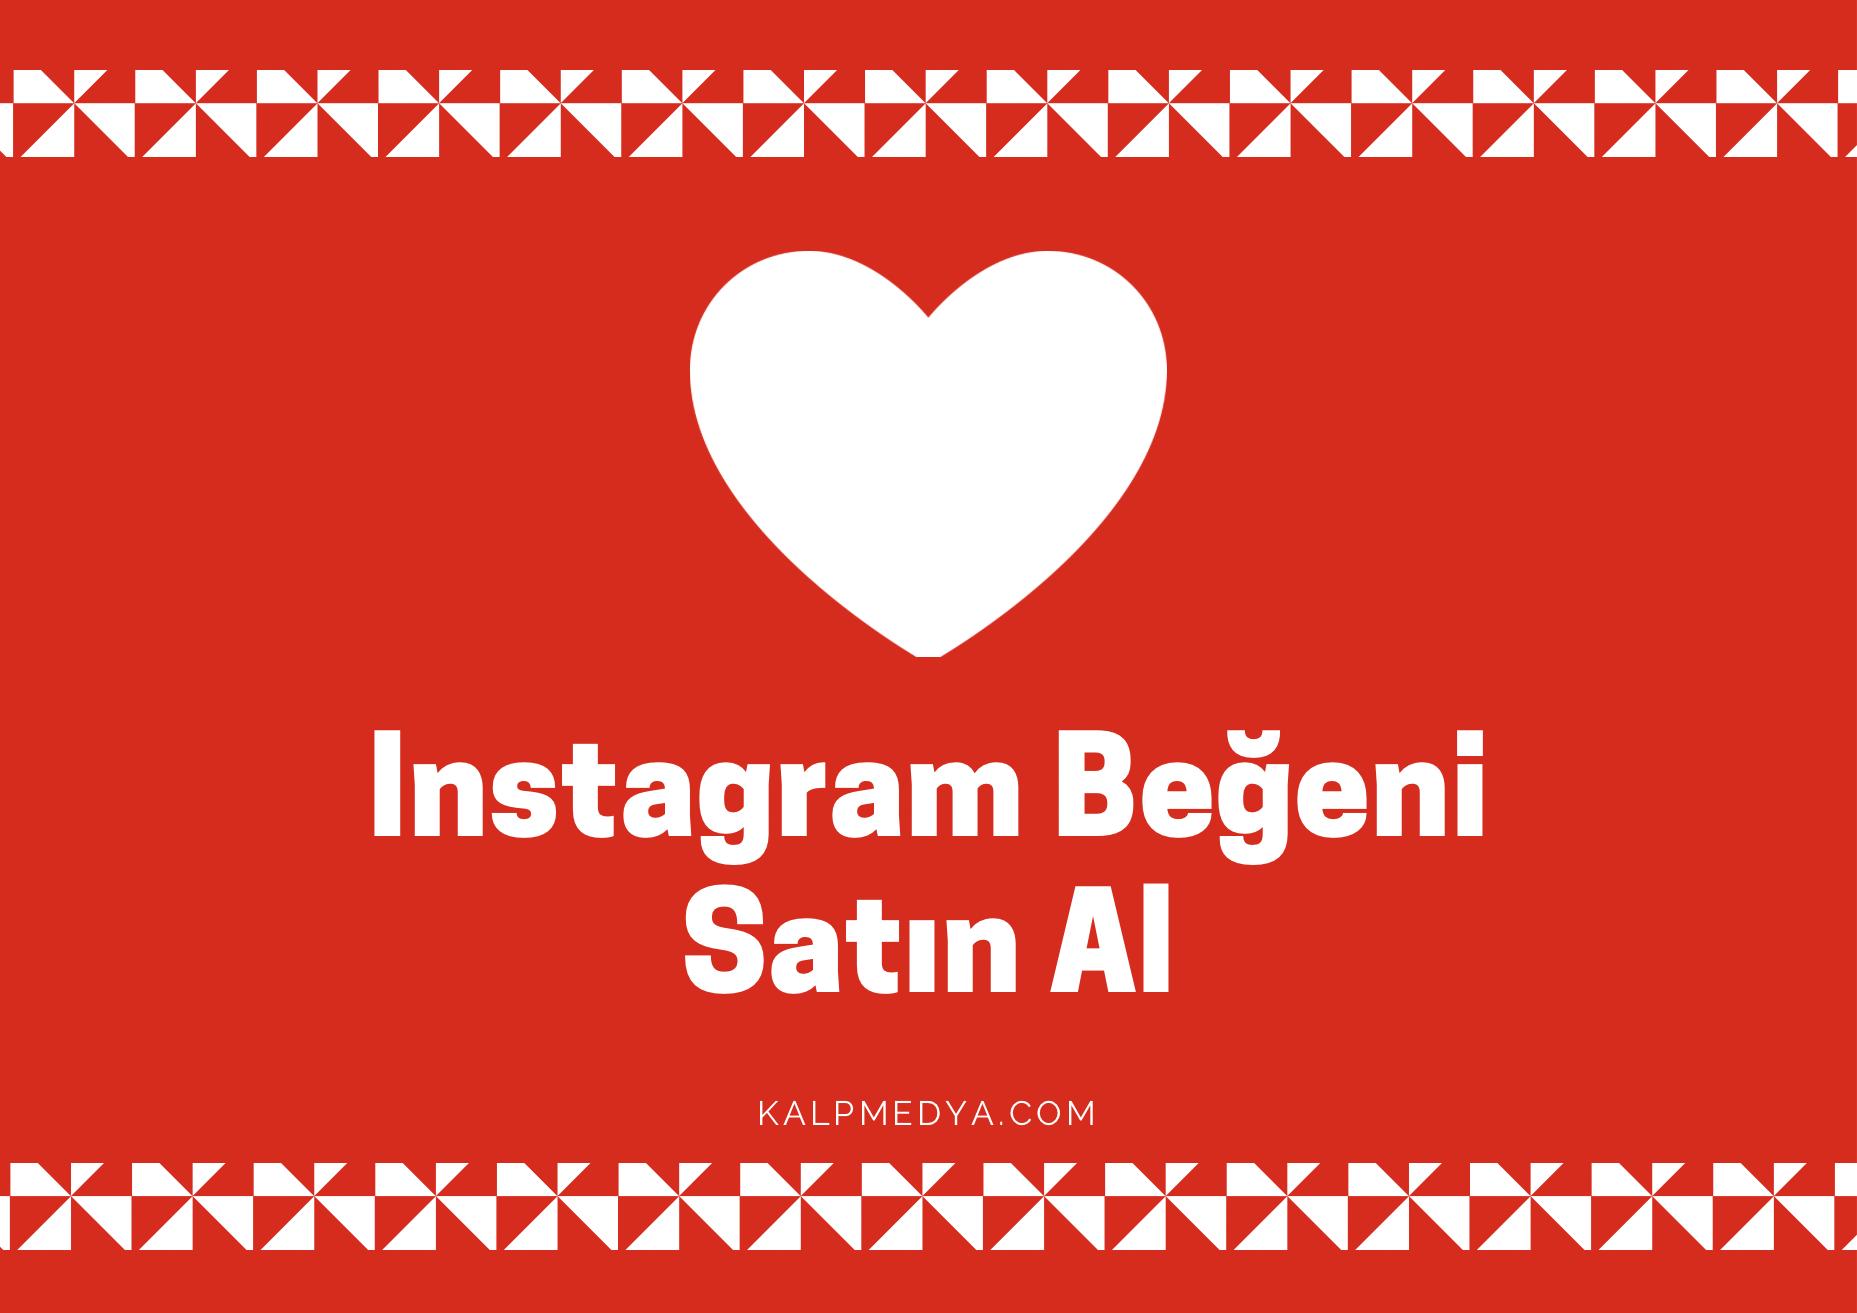 Instagram Beğeni Satın Al Görseli